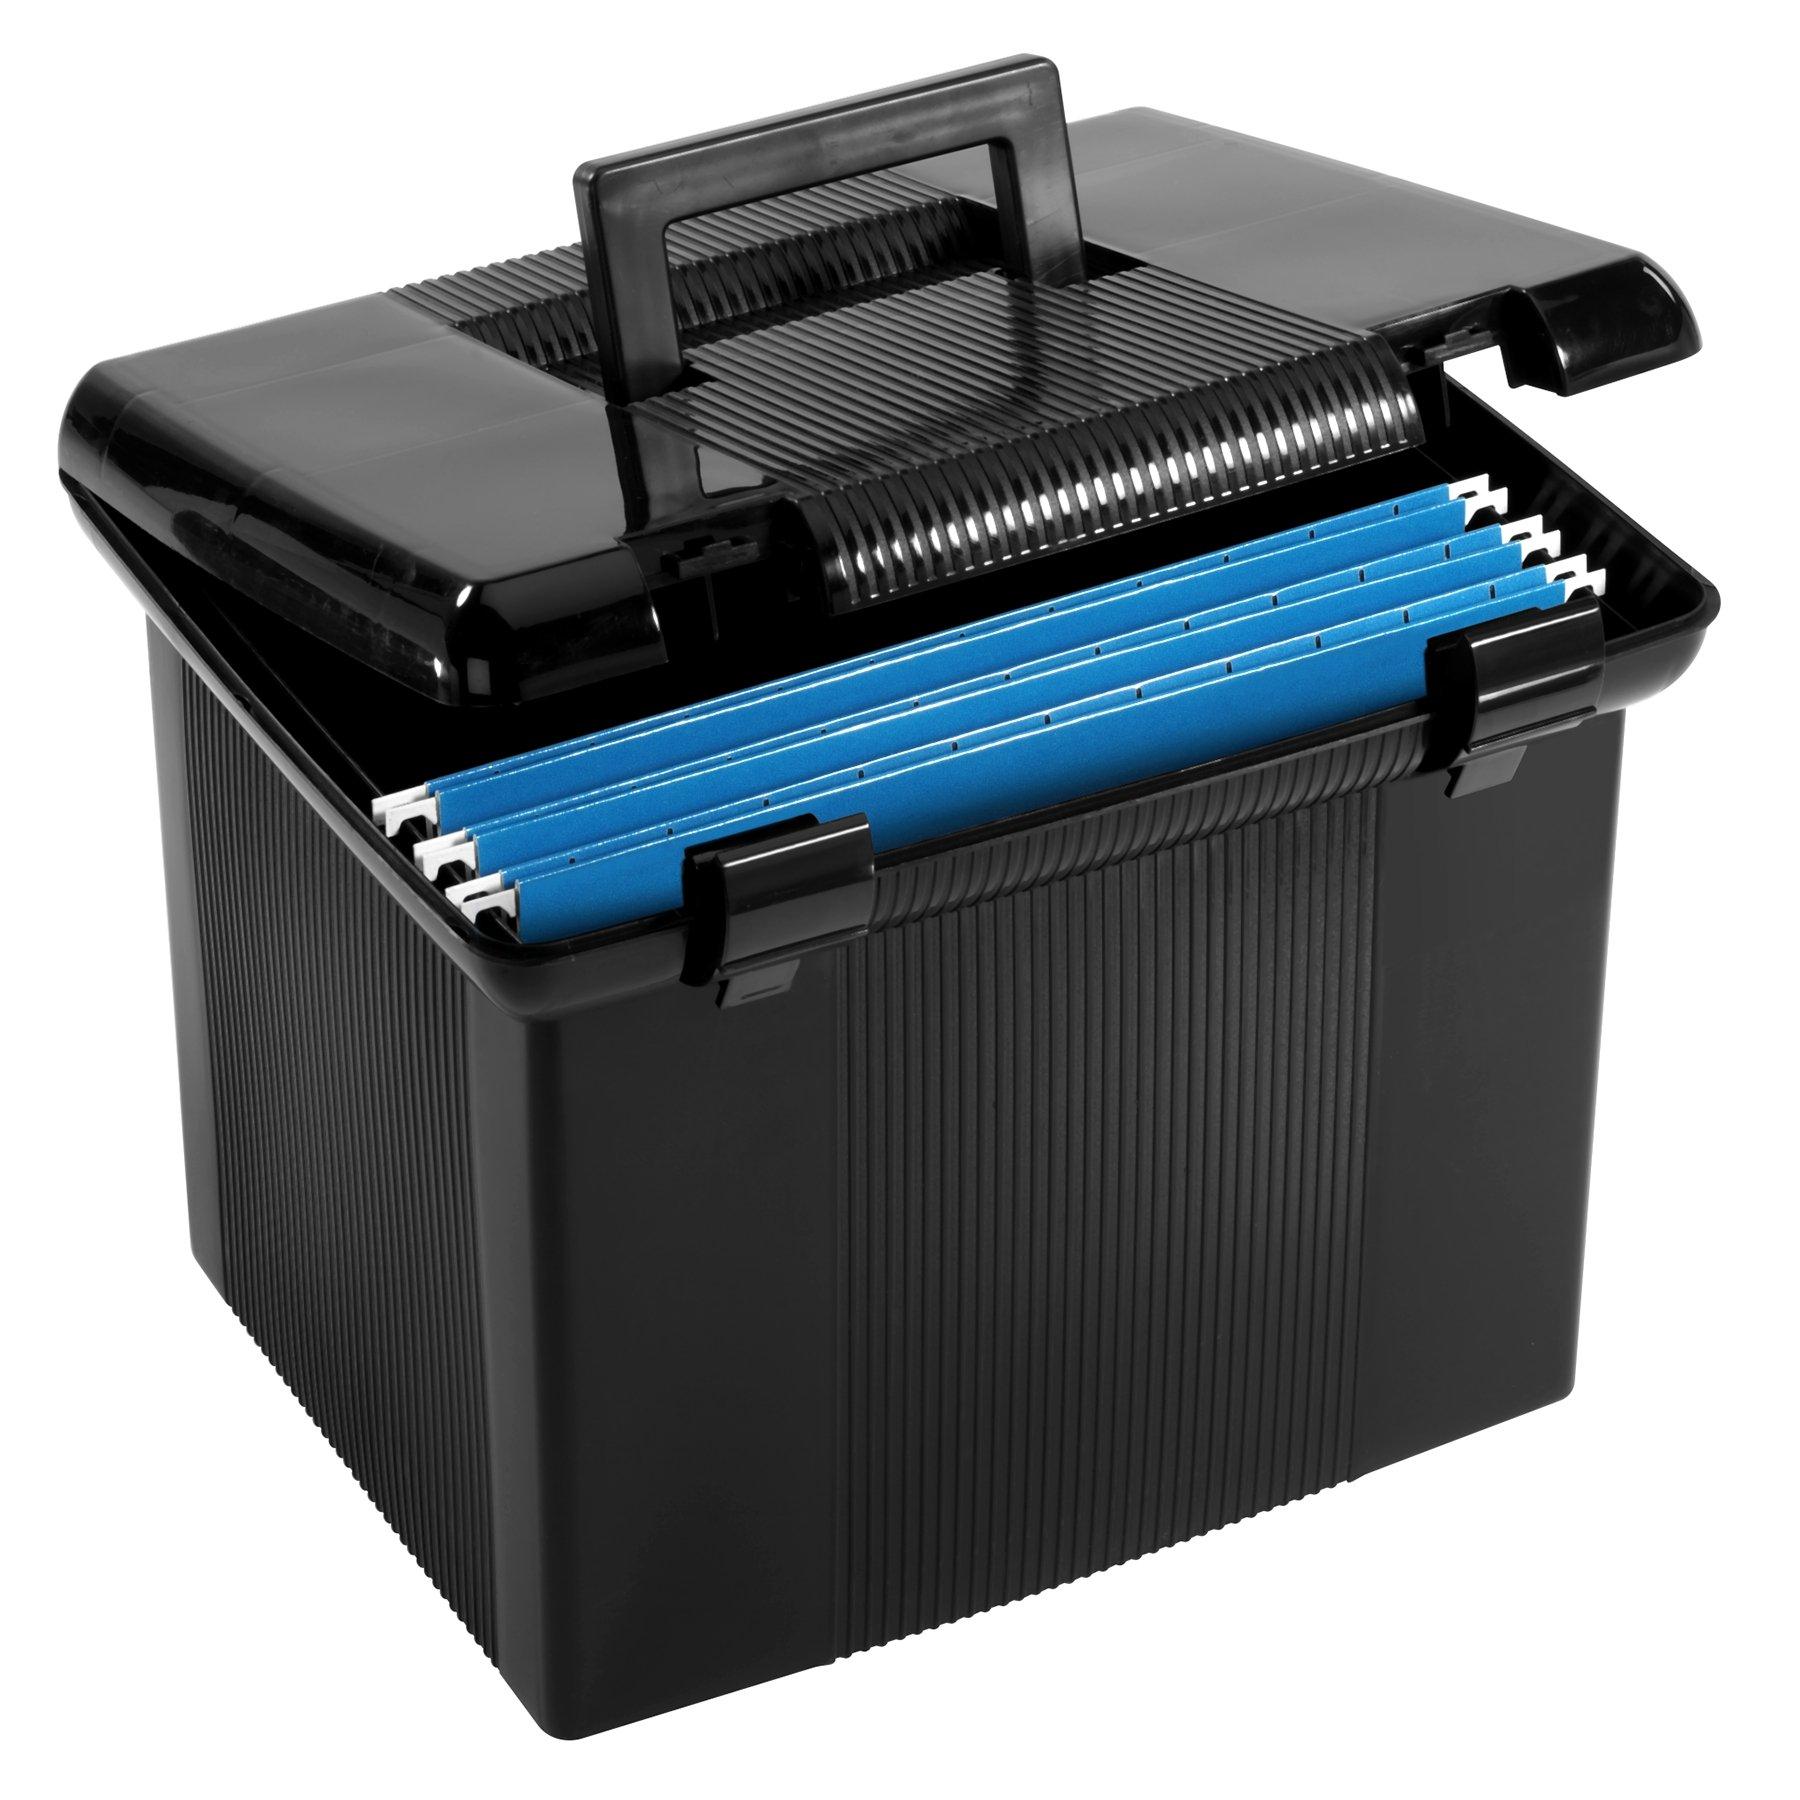 Pendaflex Portable File Box, Black, 11''H x 14'' W x 11-1/8'' D (41742) by Pendaflex